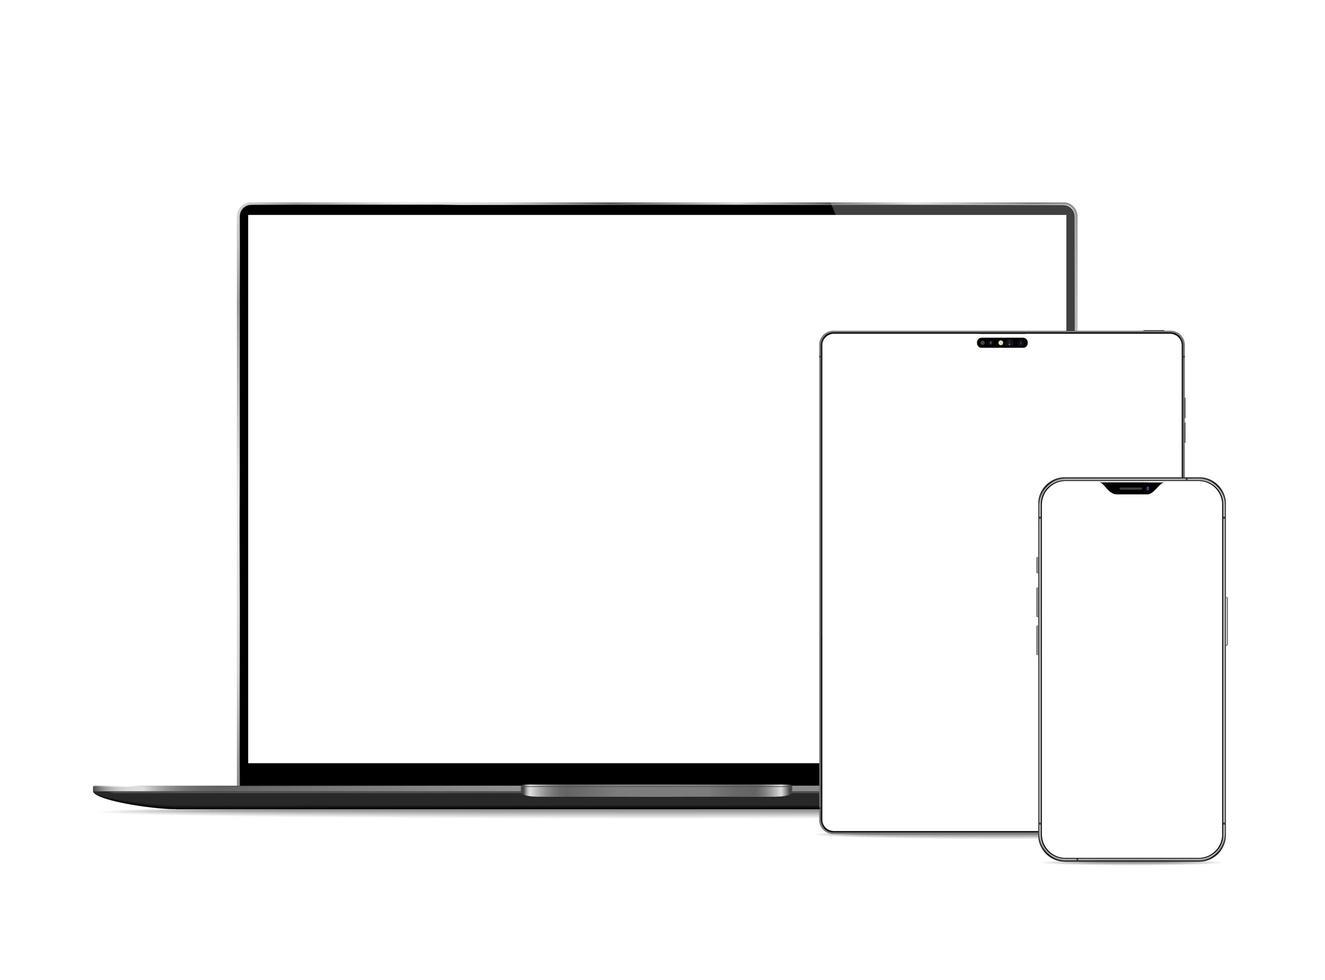 computadora portátil, tableta y teléfono con pantallas en blanco vector